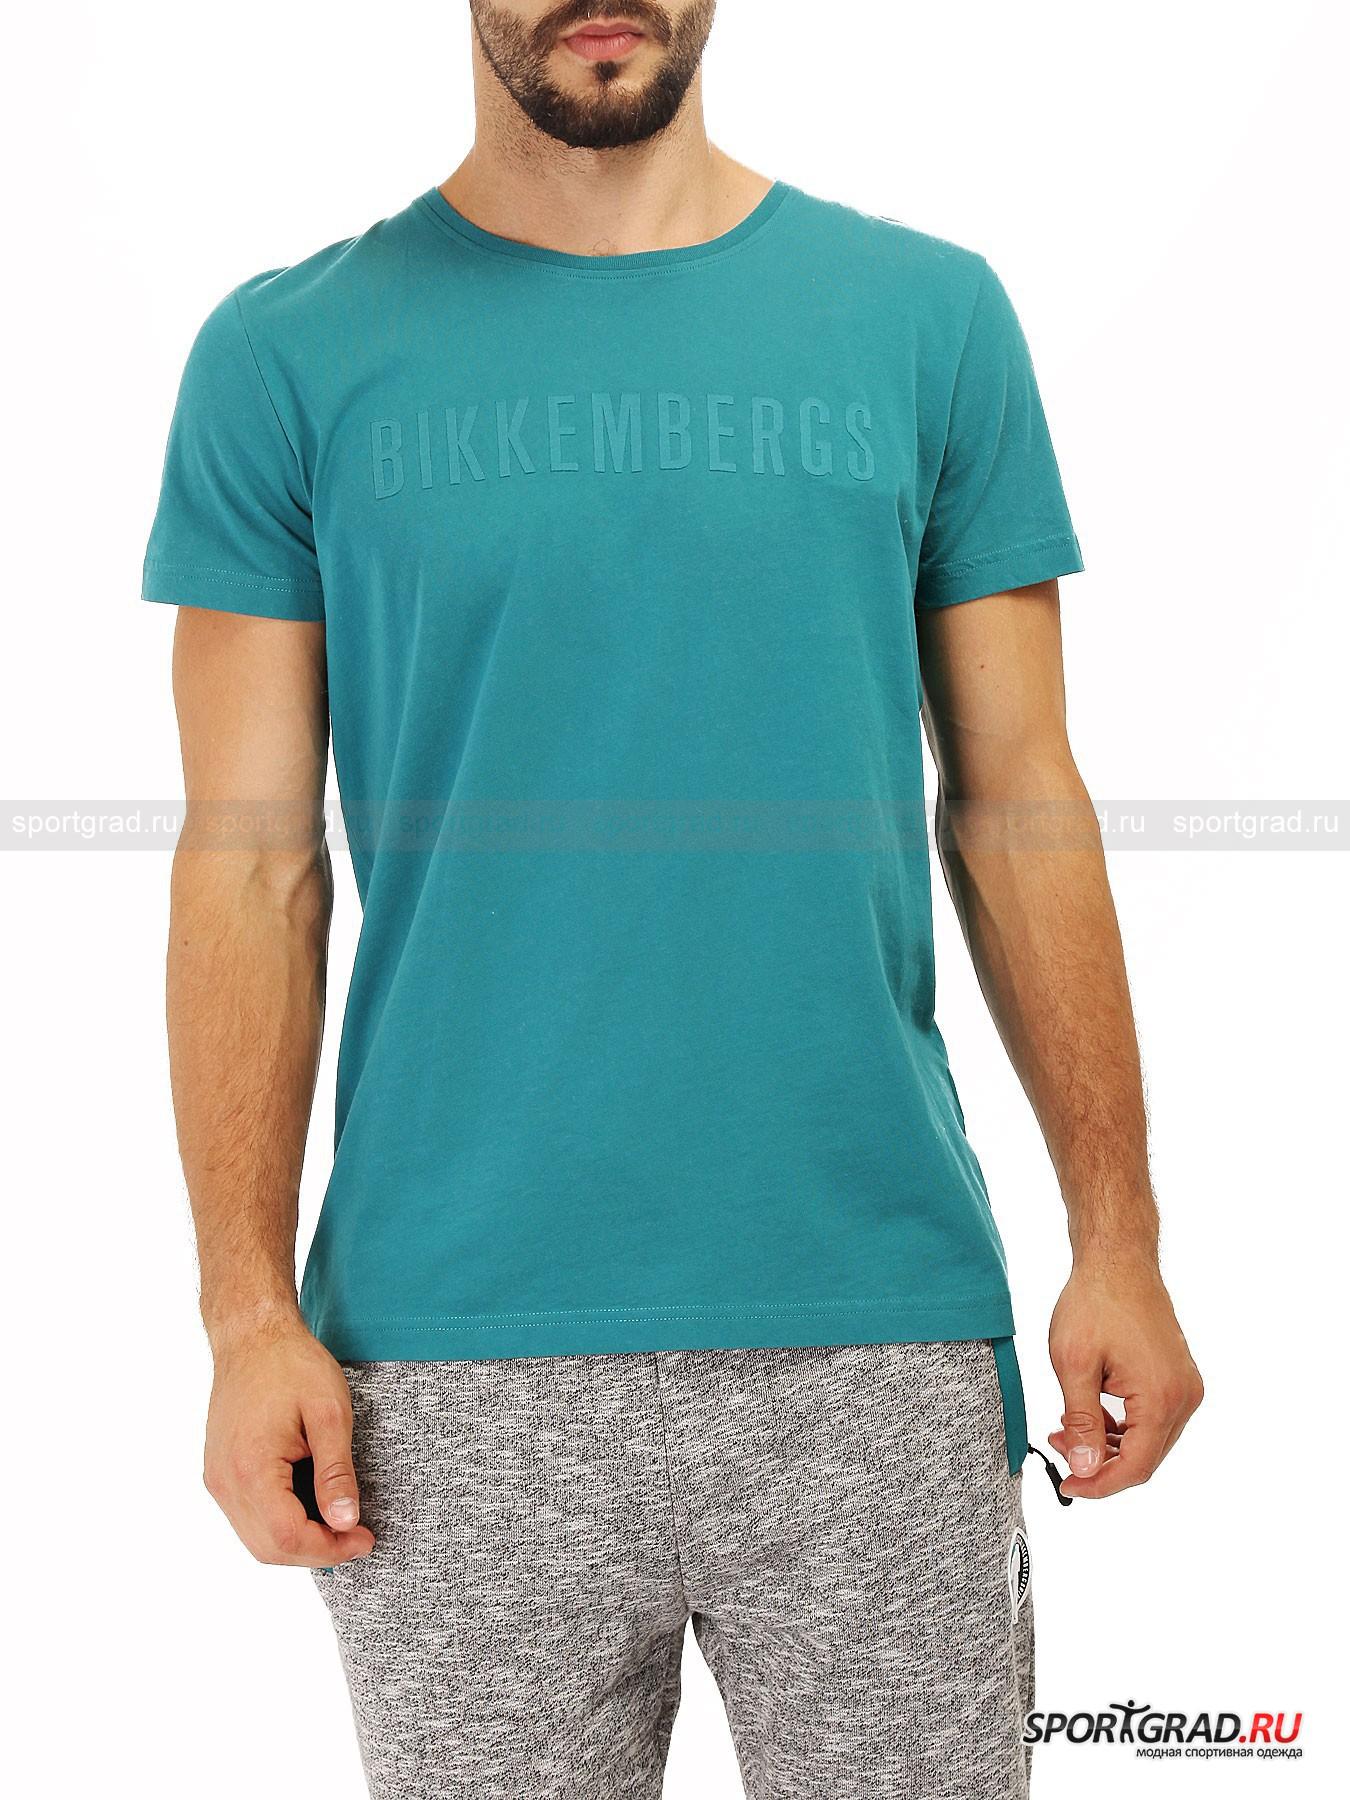 Футболка мужская BIKKEMBERGS LogoФутболки<br>Коллекции немецкого бренда Bikkembergs отличаются визуальной простотой и минималистичностью. Но за ними прячется особый стиль и строгое следование дизайнерским идеям самого создателя бренда.<br><br>Мужская футболка Logo с фирменный надписью компании на груди представляет собой отличный пример спортивной одежды, которая одинаково актуально смотрится как в спортзале, так и на улицах города. Приятный материал изготовления позволяет чувствовать себя максимально комфортно во время прогулок или в процессе выполнения физических нагрузок.<br><br>•Классический круглый ворот<br>•Натуральный материал изготовления<br>•Свободный крой<br><br>Пол: Мужской<br>Возраст: Взрослый<br>Тип: Футболки<br>Рекомендации по уходу: Ручная стирка, не отбеливать, не сушить в барабане стиральной машины, гладить при температуре не выше 110С, химчистка запрещена.<br>Состав: 100% хлопок.